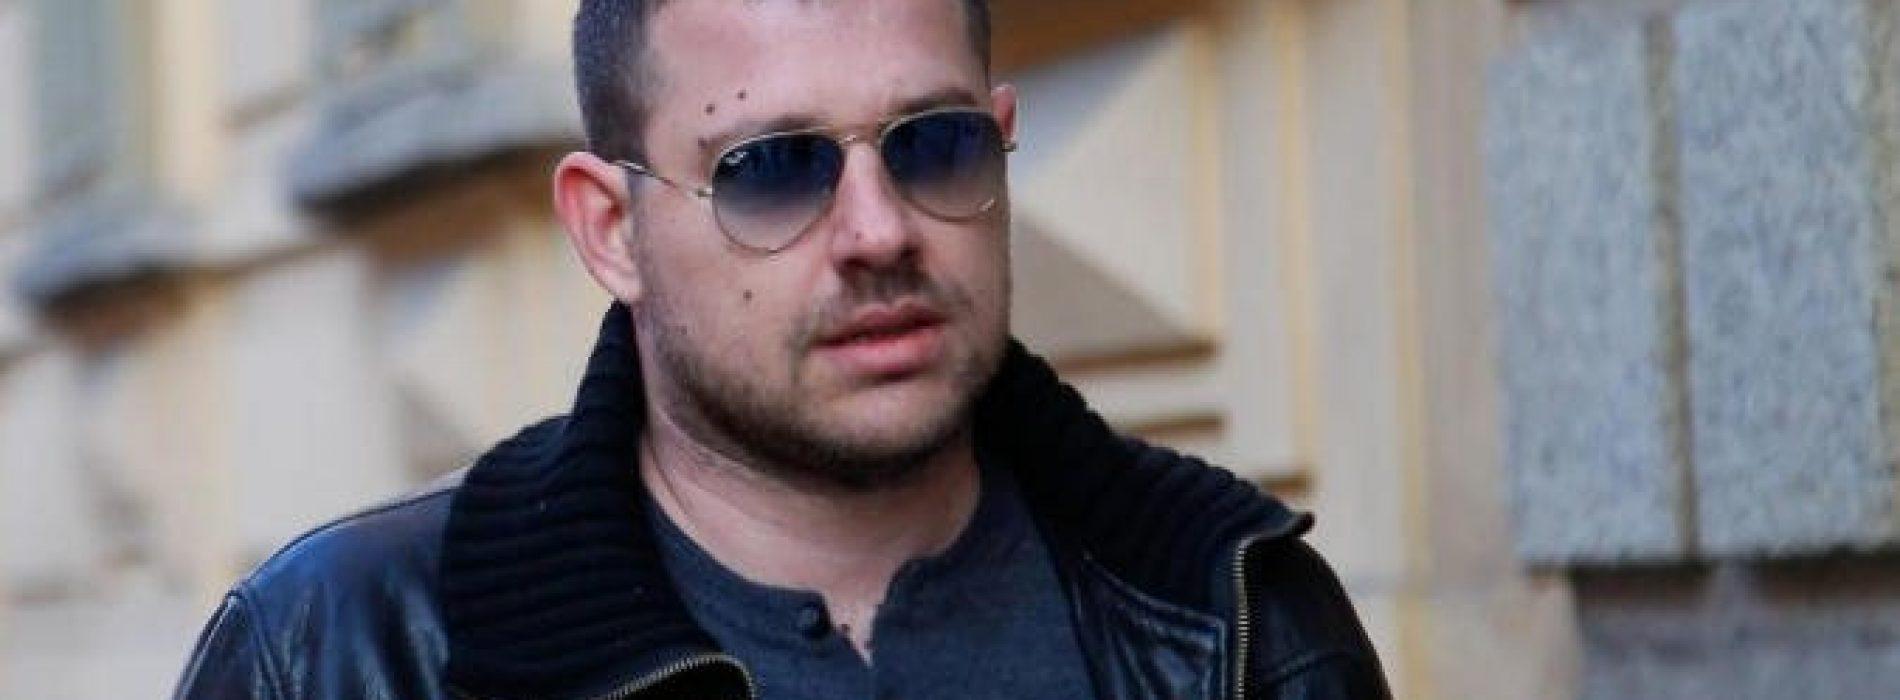 """Marco Paoloni: """"Ho ricominciato a vivere, nel calcio poche amicizie vere. Ai giovani dico…"""" – ESCLUSIVA EC"""